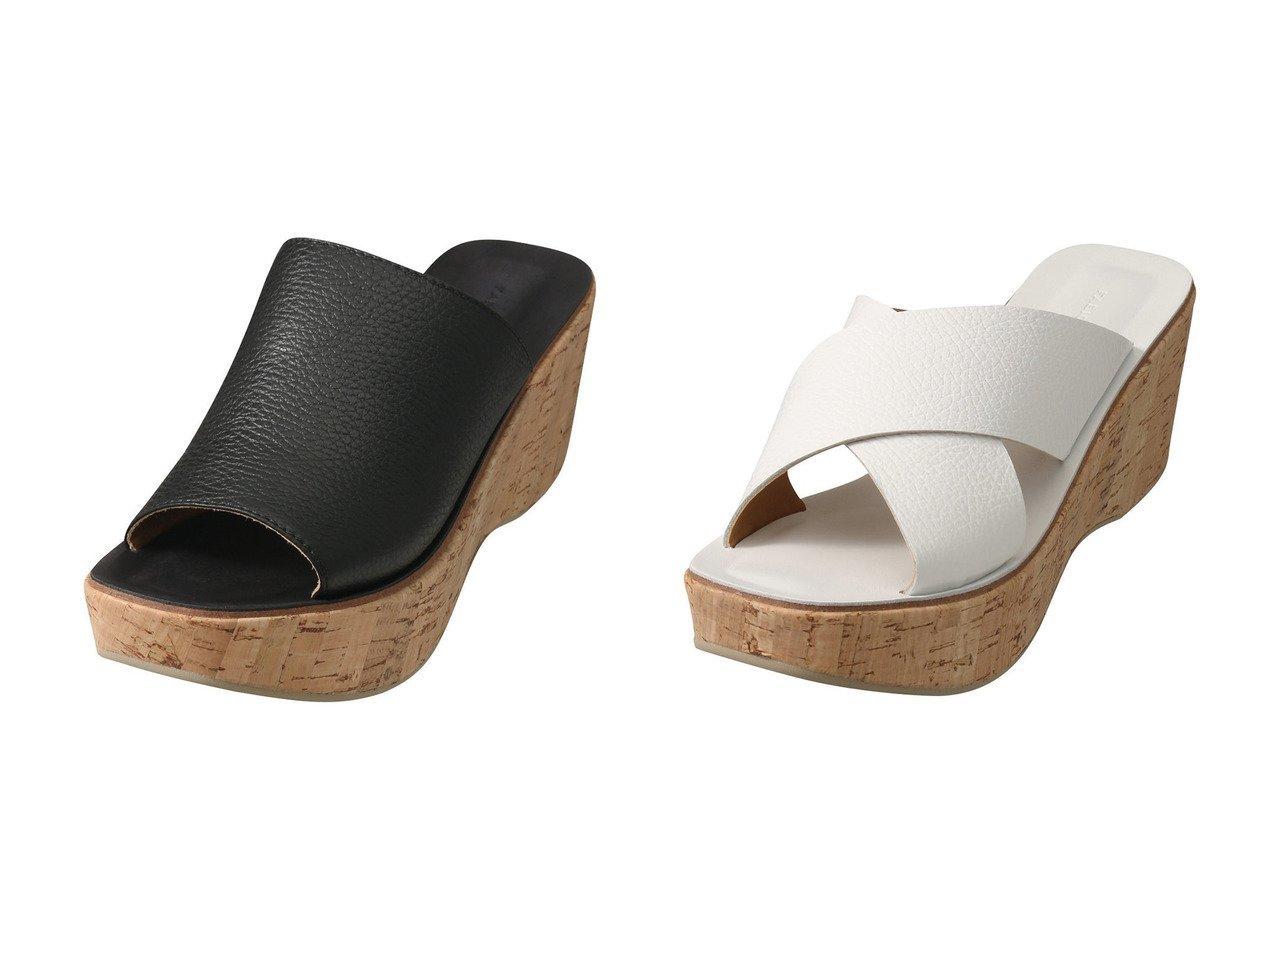 【FABIO RUSCONI/ファビオ ルスコーニ】のクロスベルトコルクソールサンダル&コルクソールミュール 【シューズ・靴】おすすめ!人気、トレンド・レディースファッションの通販 おすすめで人気の流行・トレンド、ファッションの通販商品 メンズファッション・キッズファッション・インテリア・家具・レディースファッション・服の通販 founy(ファニー) https://founy.com/ ファッション Fashion レディースファッション WOMEN ベルト Belts 2021年 2021 2021春夏・S/S SS/Spring/Summer/2021 S/S・春夏 SS・Spring/Summer コルク サンダル ミュール 厚底 春 Spring  ID:crp329100000028382